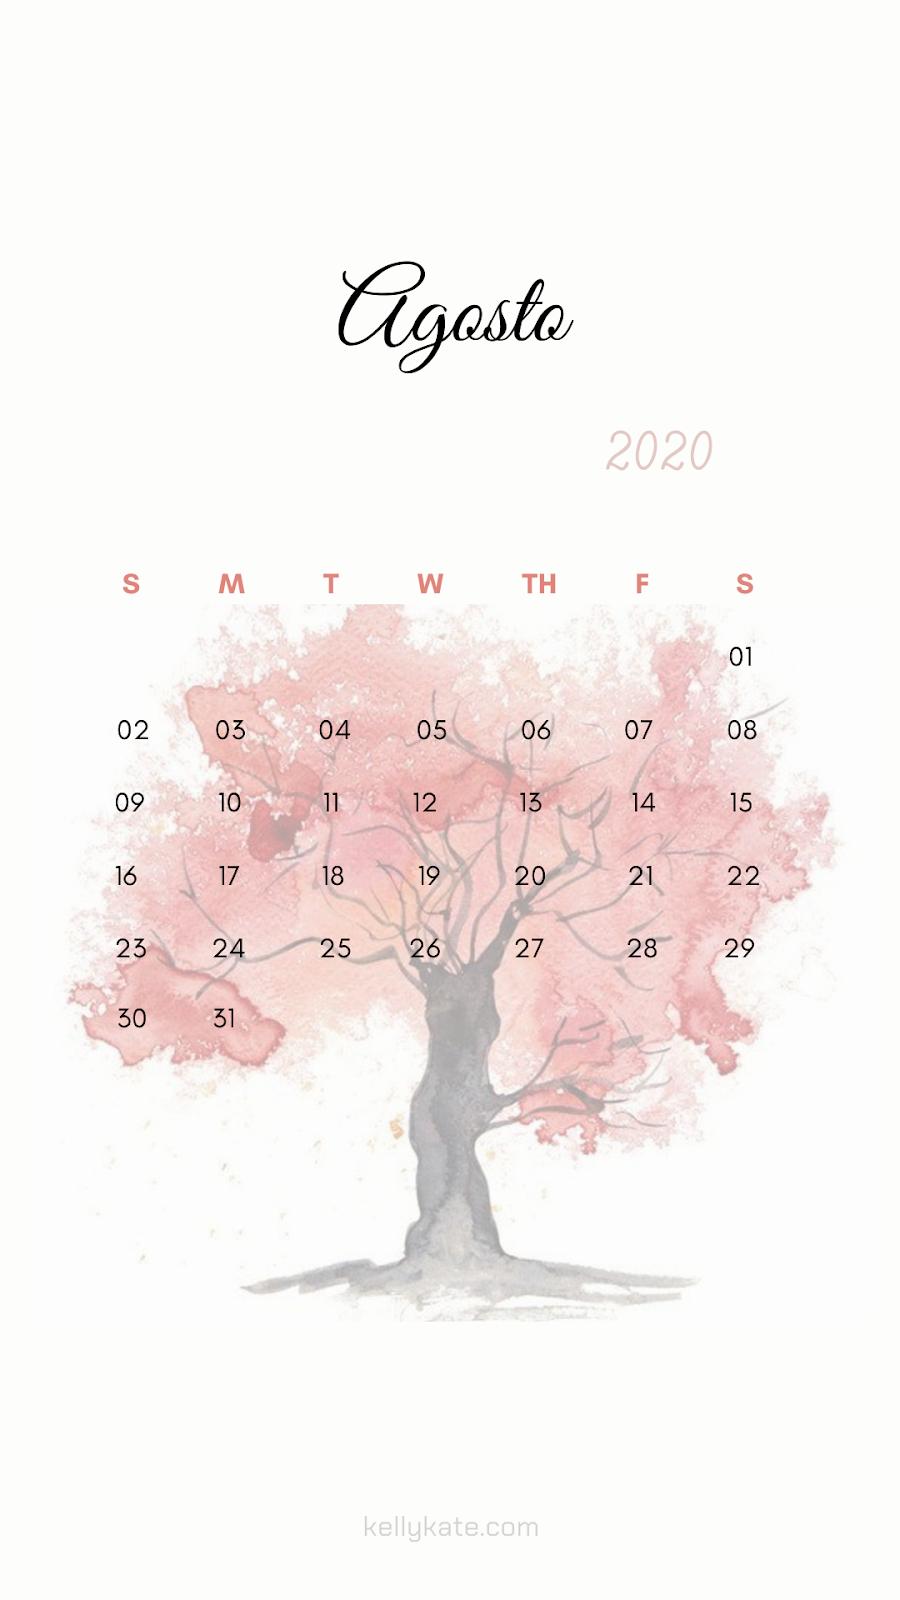 #calendarwallpaper